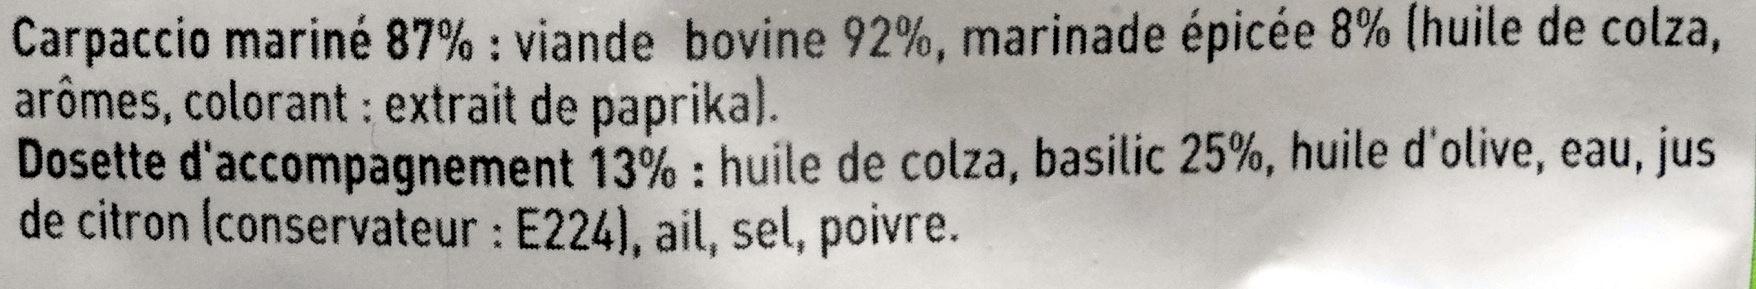 Carpaccio, Basilic finement haché & sa marinade - Ingrédients